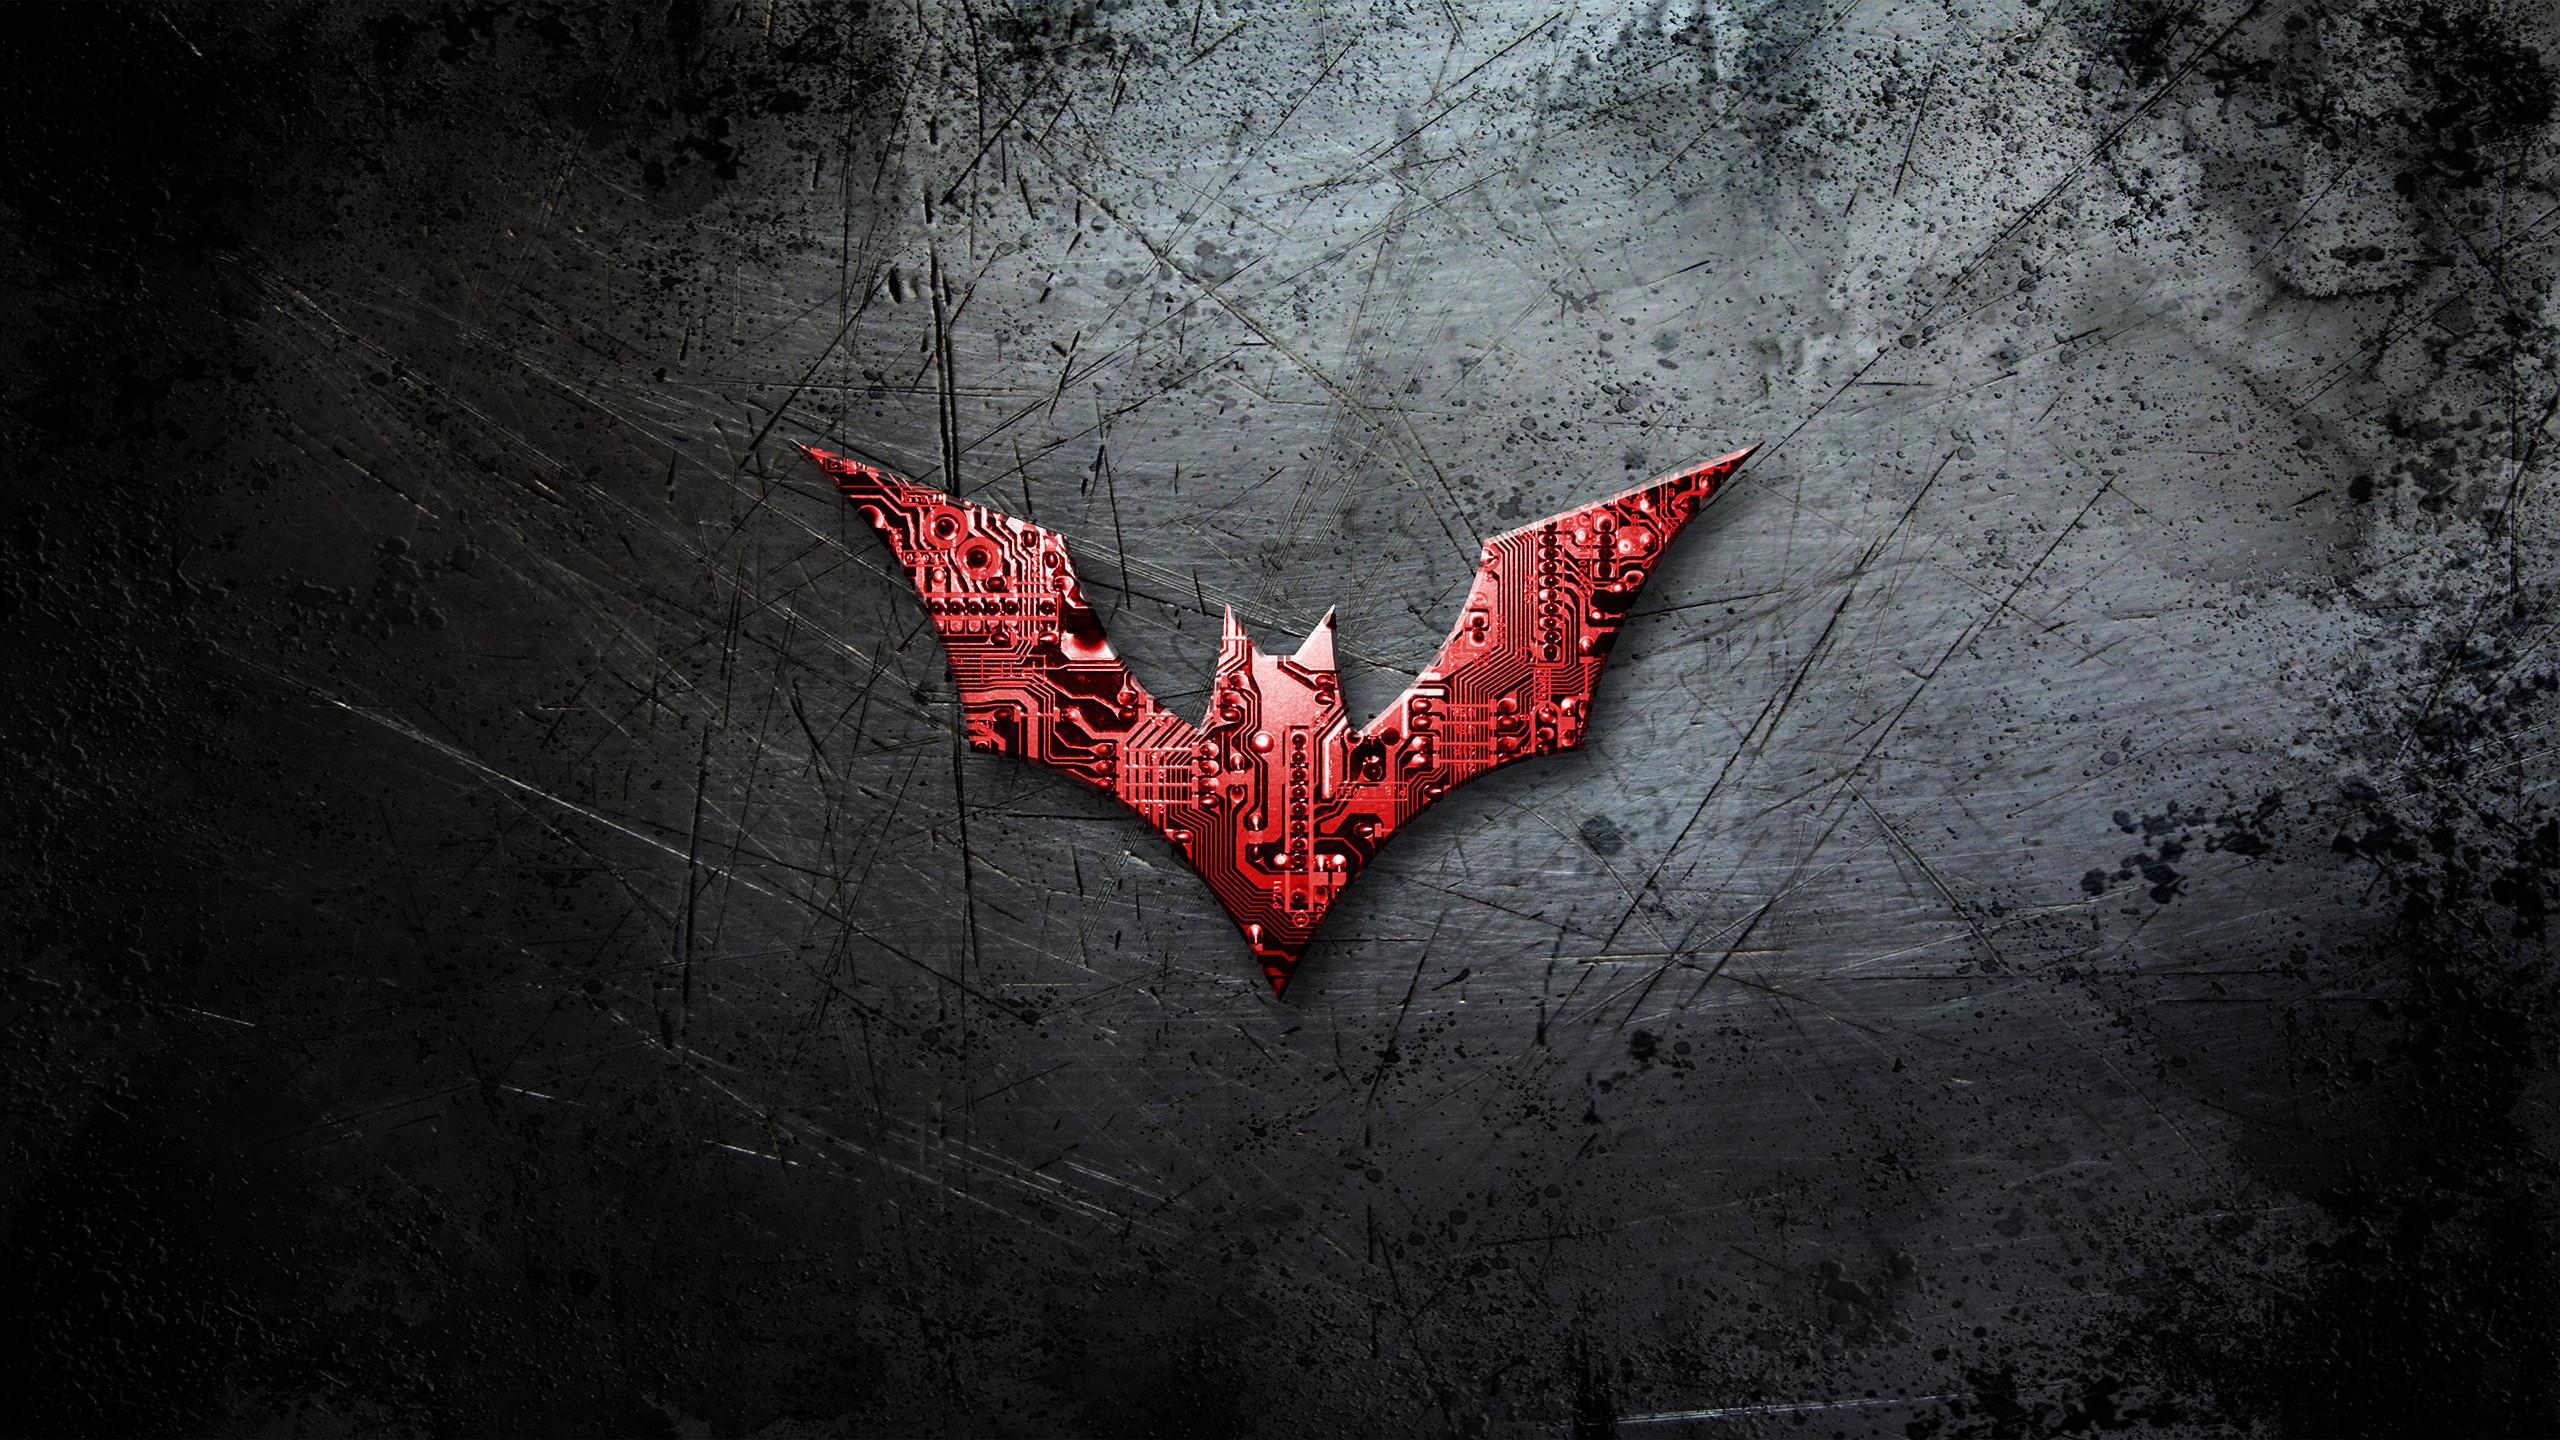 Batman Beyond Wallpaper HD.